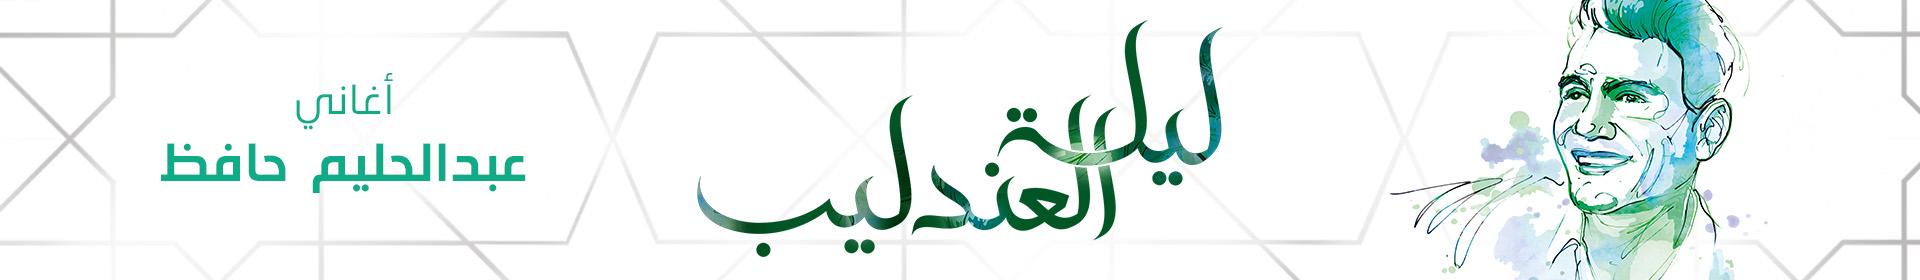 ليلة العندليب عبد الحليم حافظ الكويت 2019